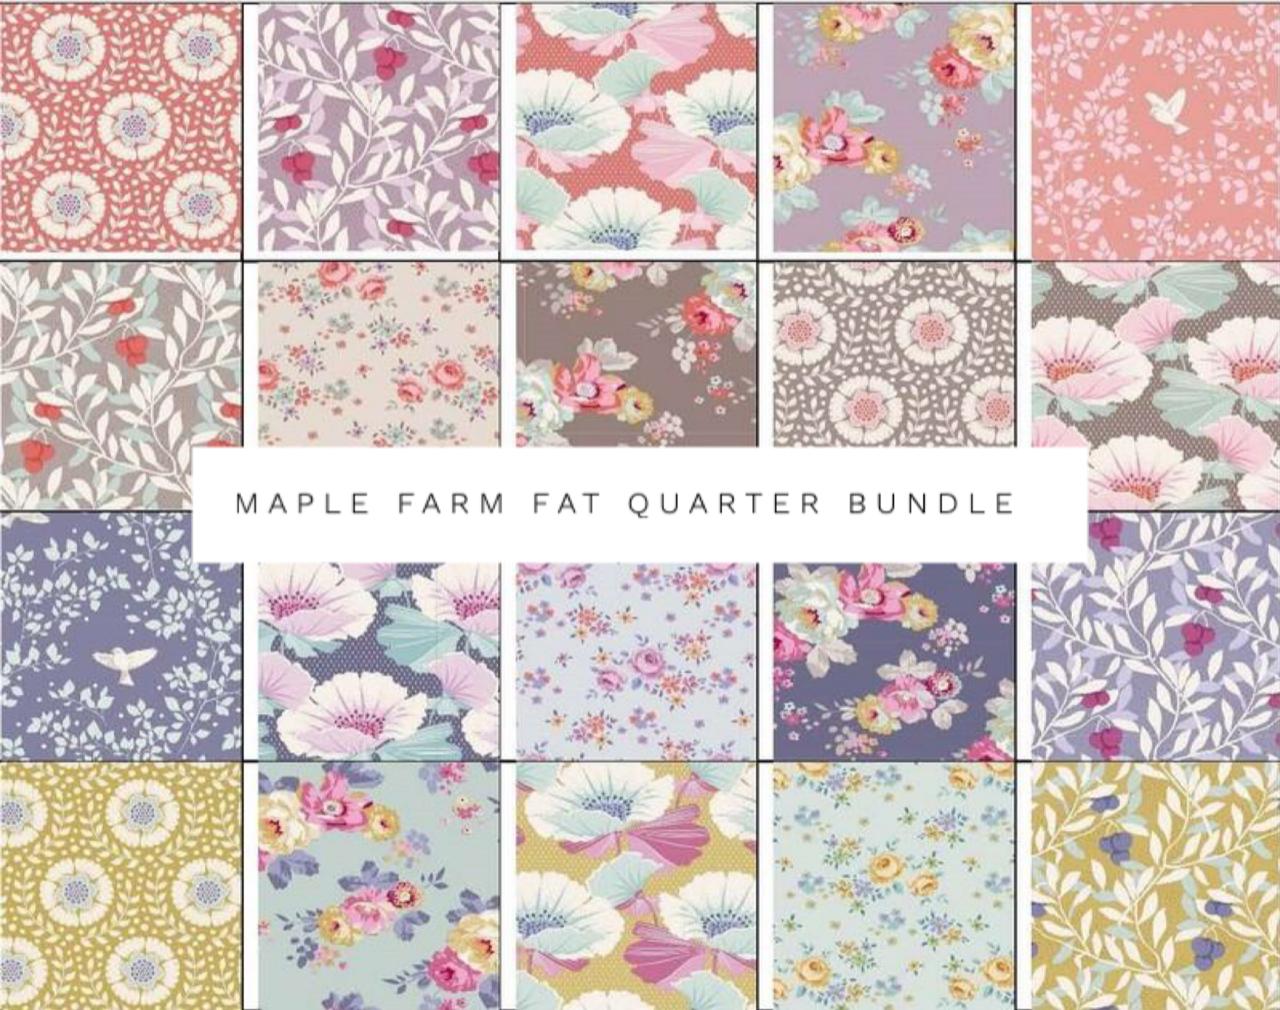 Maple Farm Fat Quarter Bundle